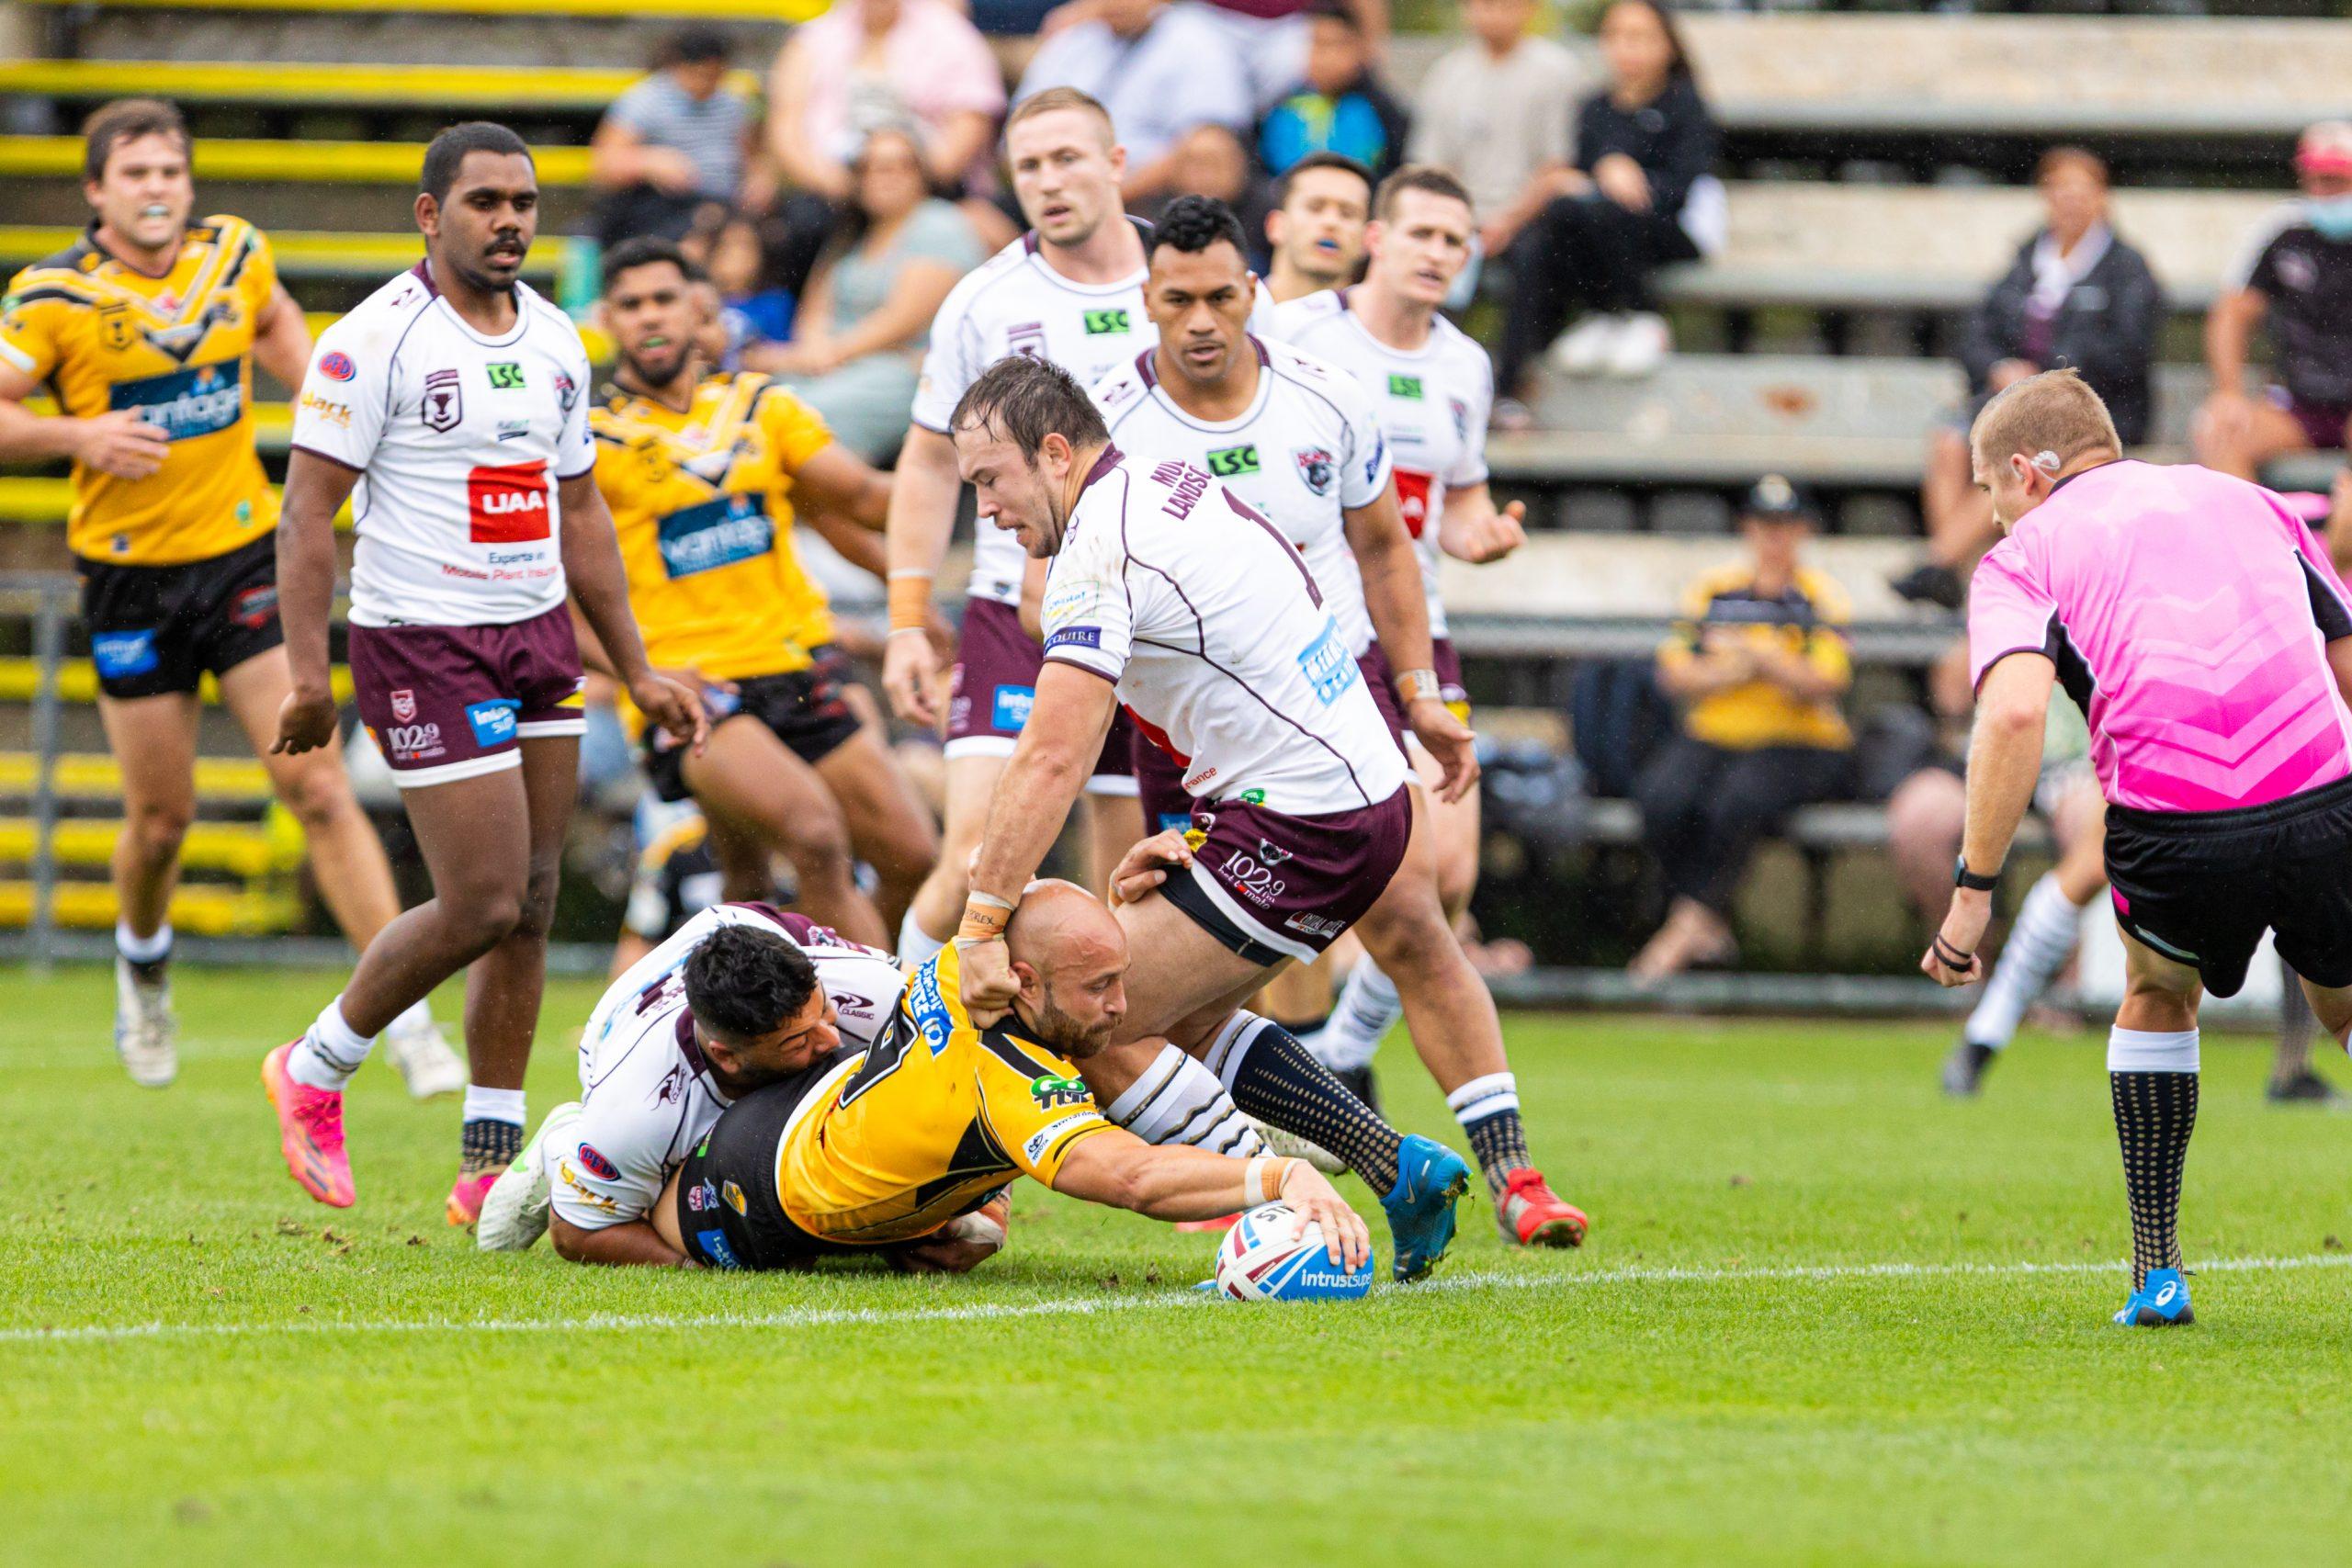 Sunshine Coast put on classy display against Bears